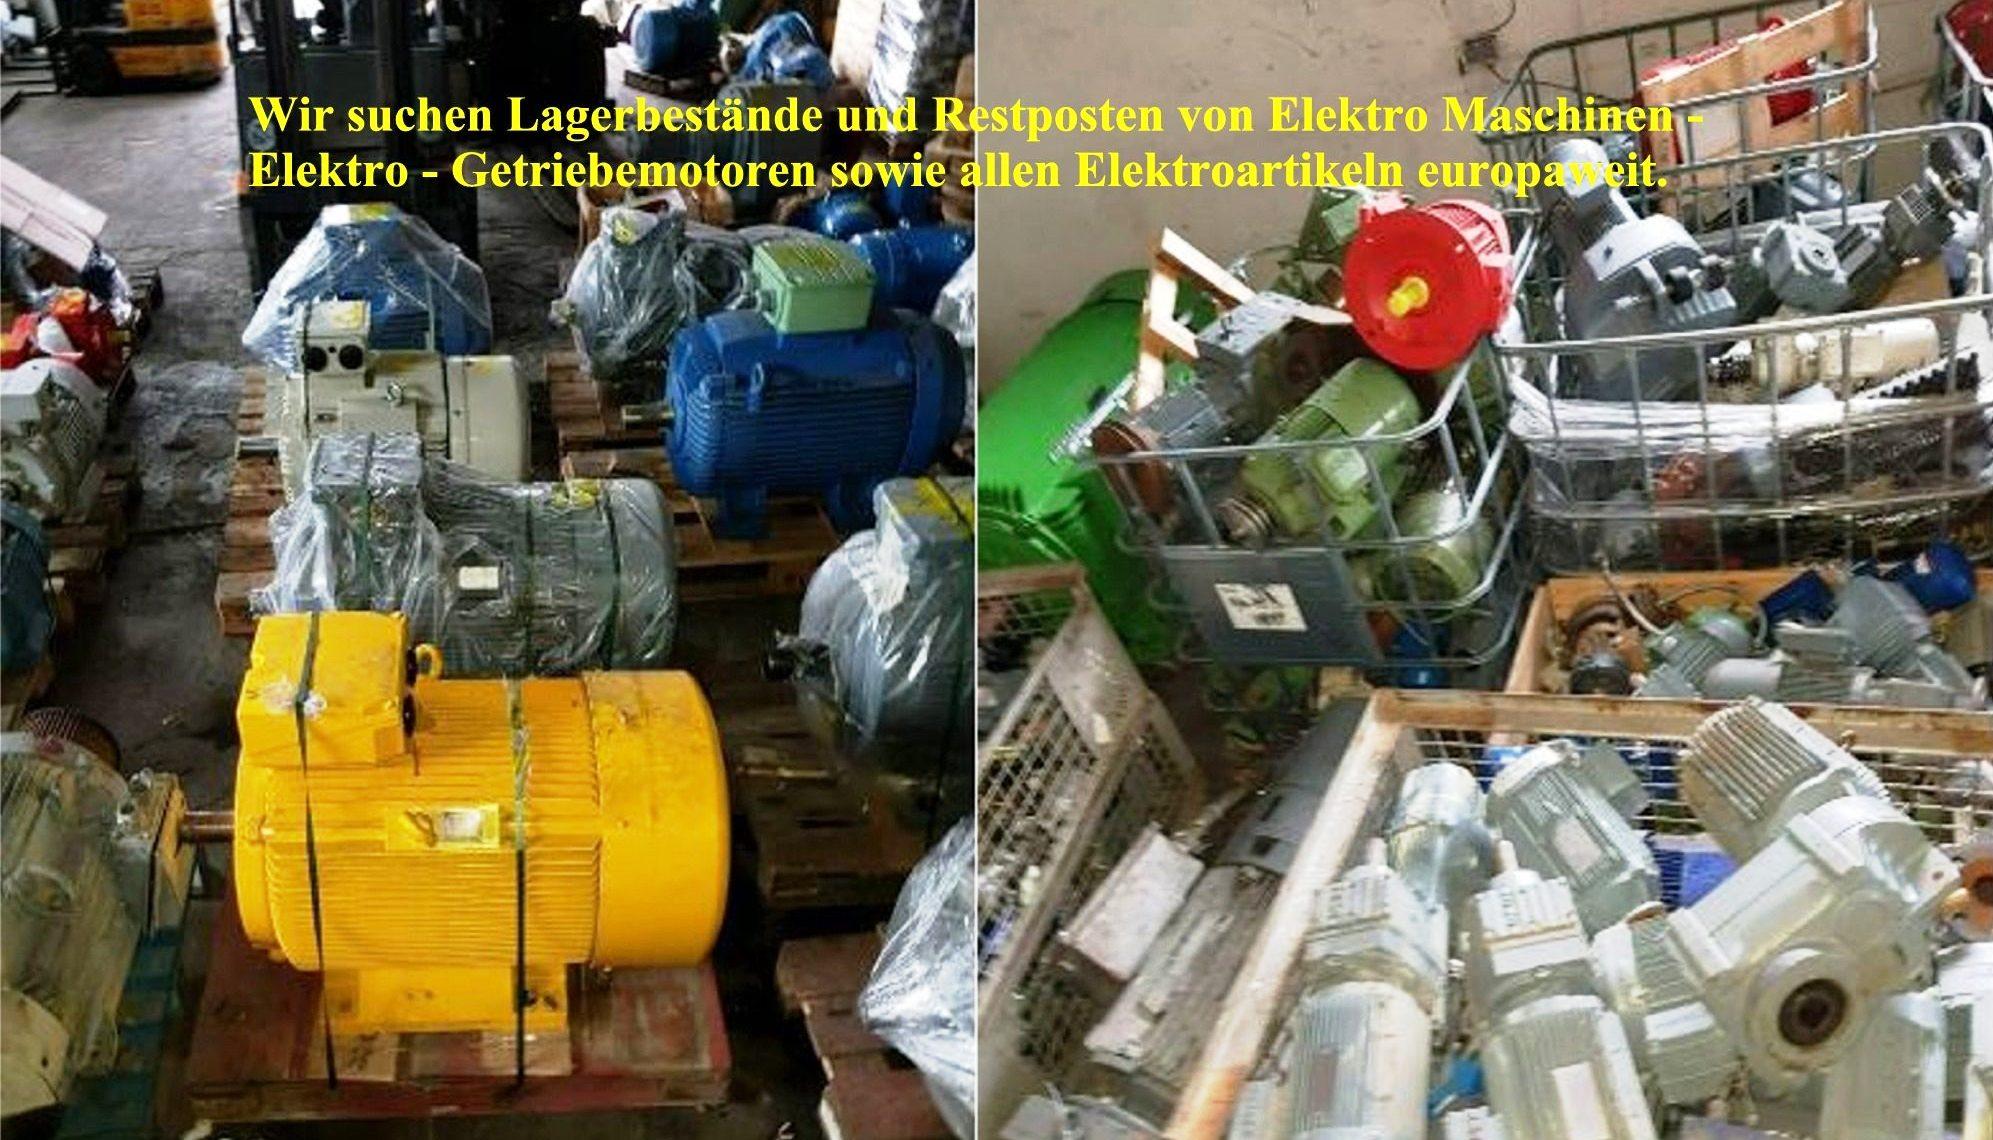 Ankauf Elektromotoren neu, gebraucht und defekt. Ankauf Lagerbestände + Restposten europaweit 0160 80 68 211